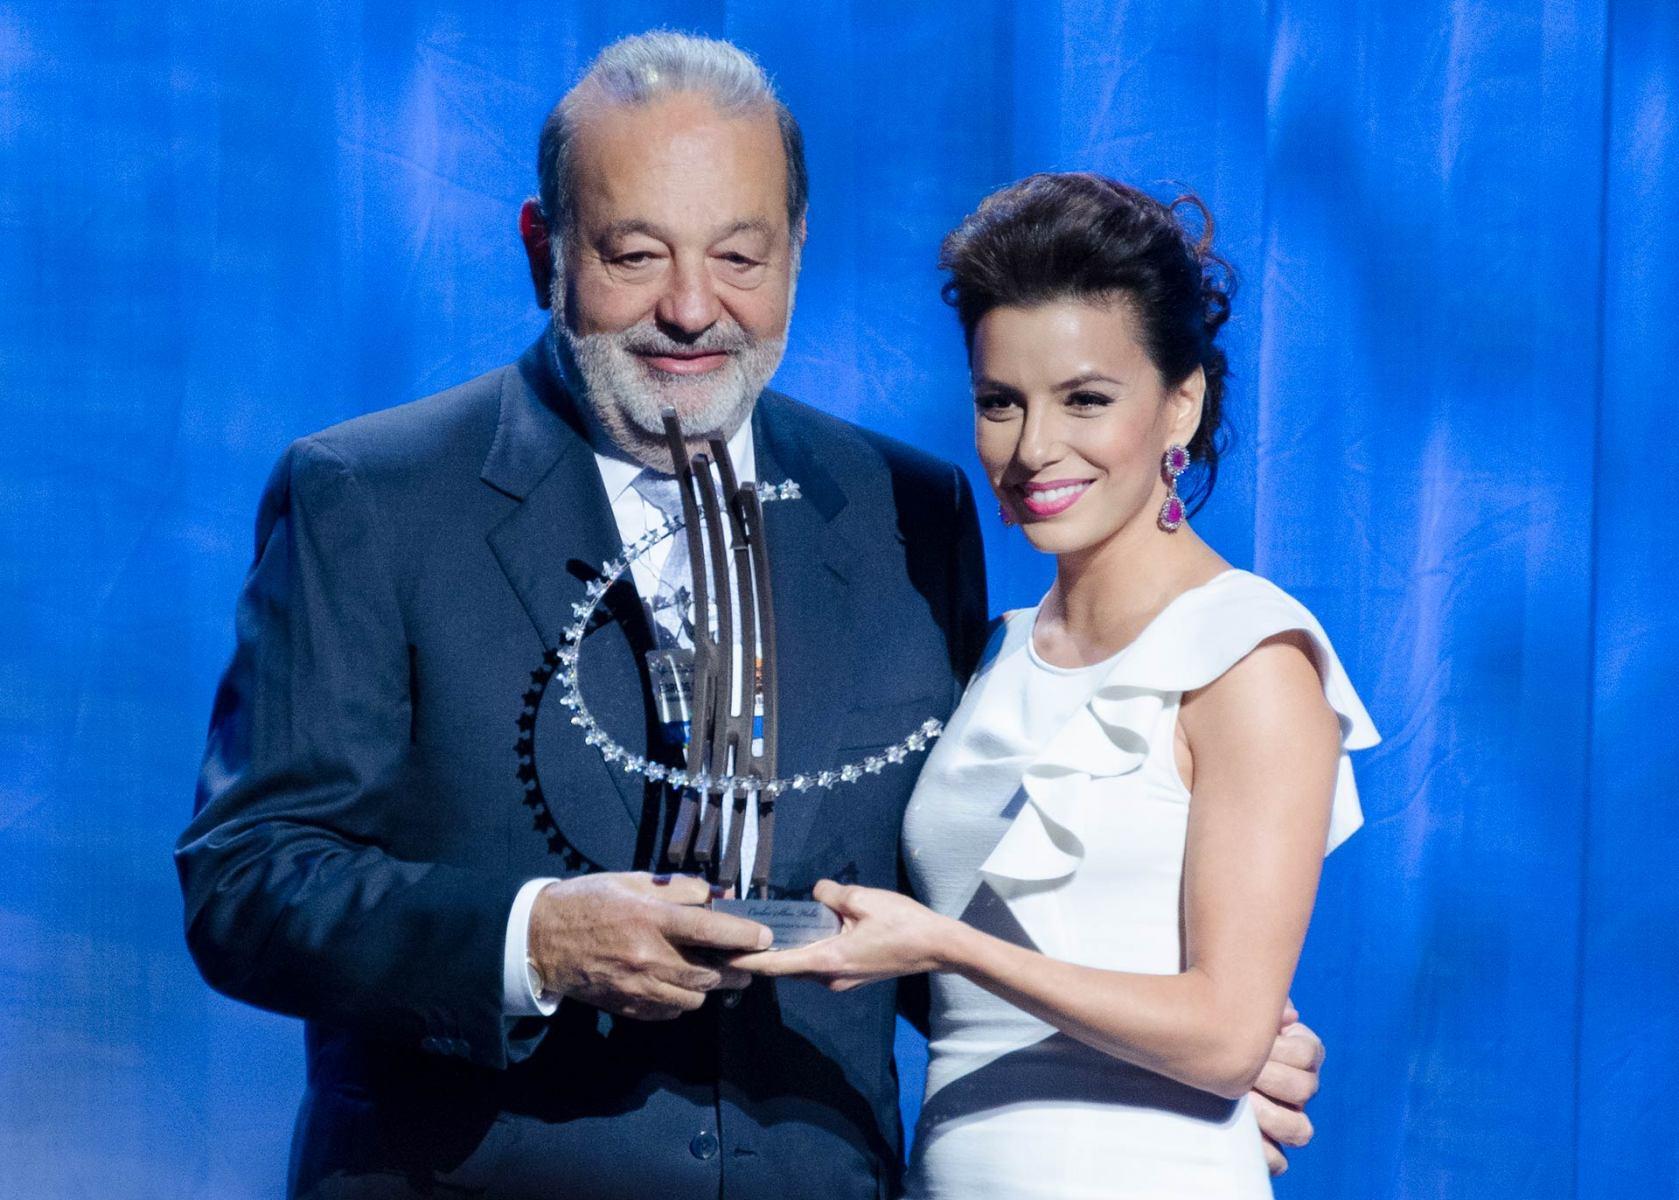 Eva Longoria, Carlos Slim Helú,  Global Citzen Awards, Clinton Global Initiative, CGI 2012 meetings, Designing for Impact, New York, September 2012